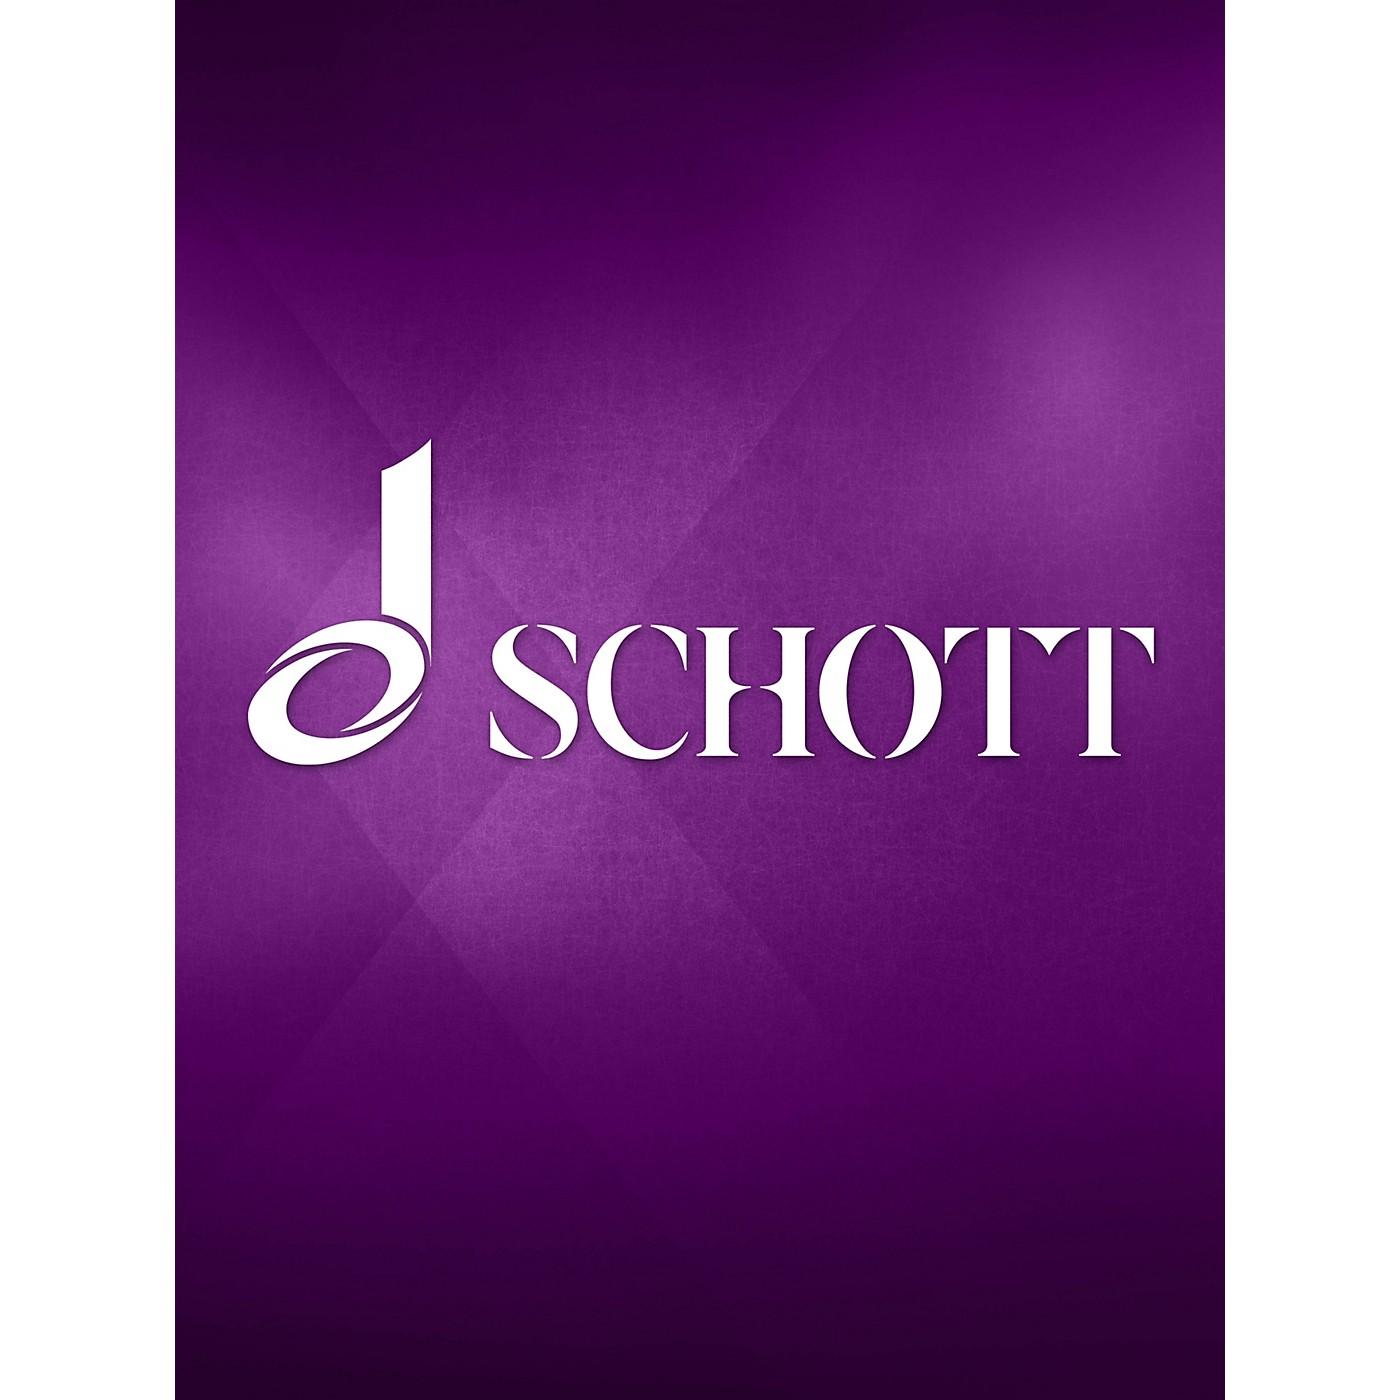 Schott Concerto No. 12 in D Major, Op. 3 (Violin and Piano Reduction) Schott Series thumbnail